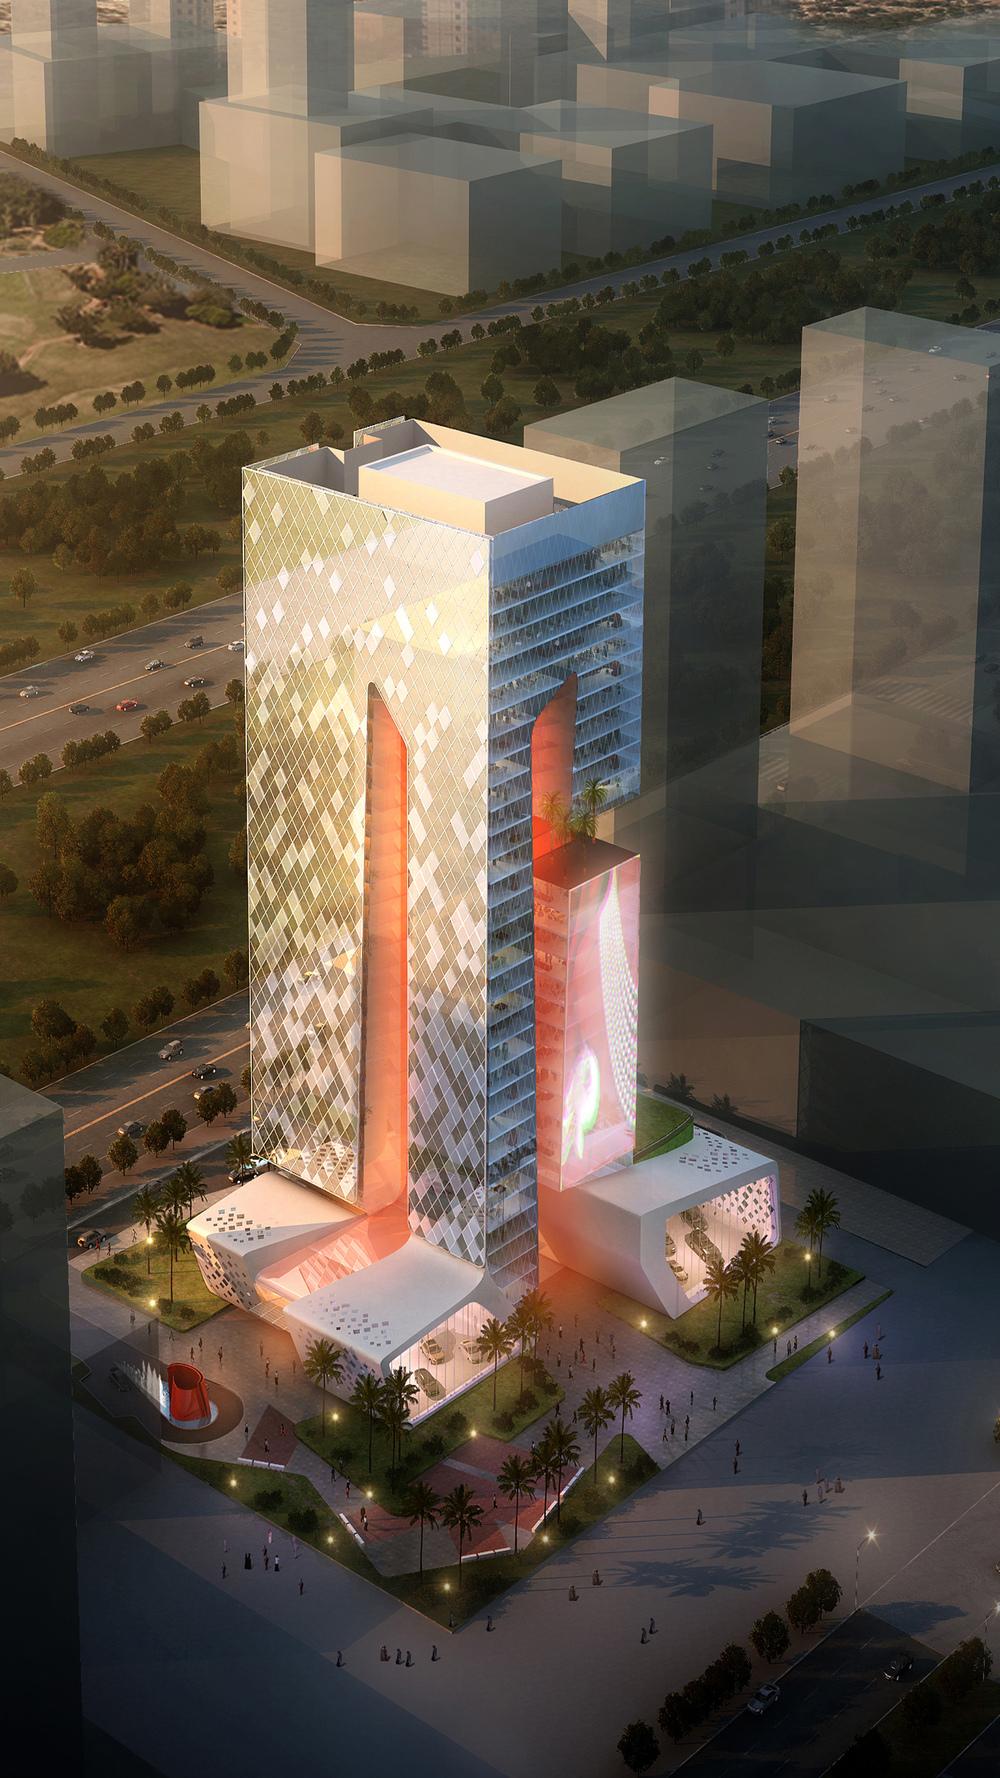 lusail tower BEAD doha Qatar dusk view.JPG